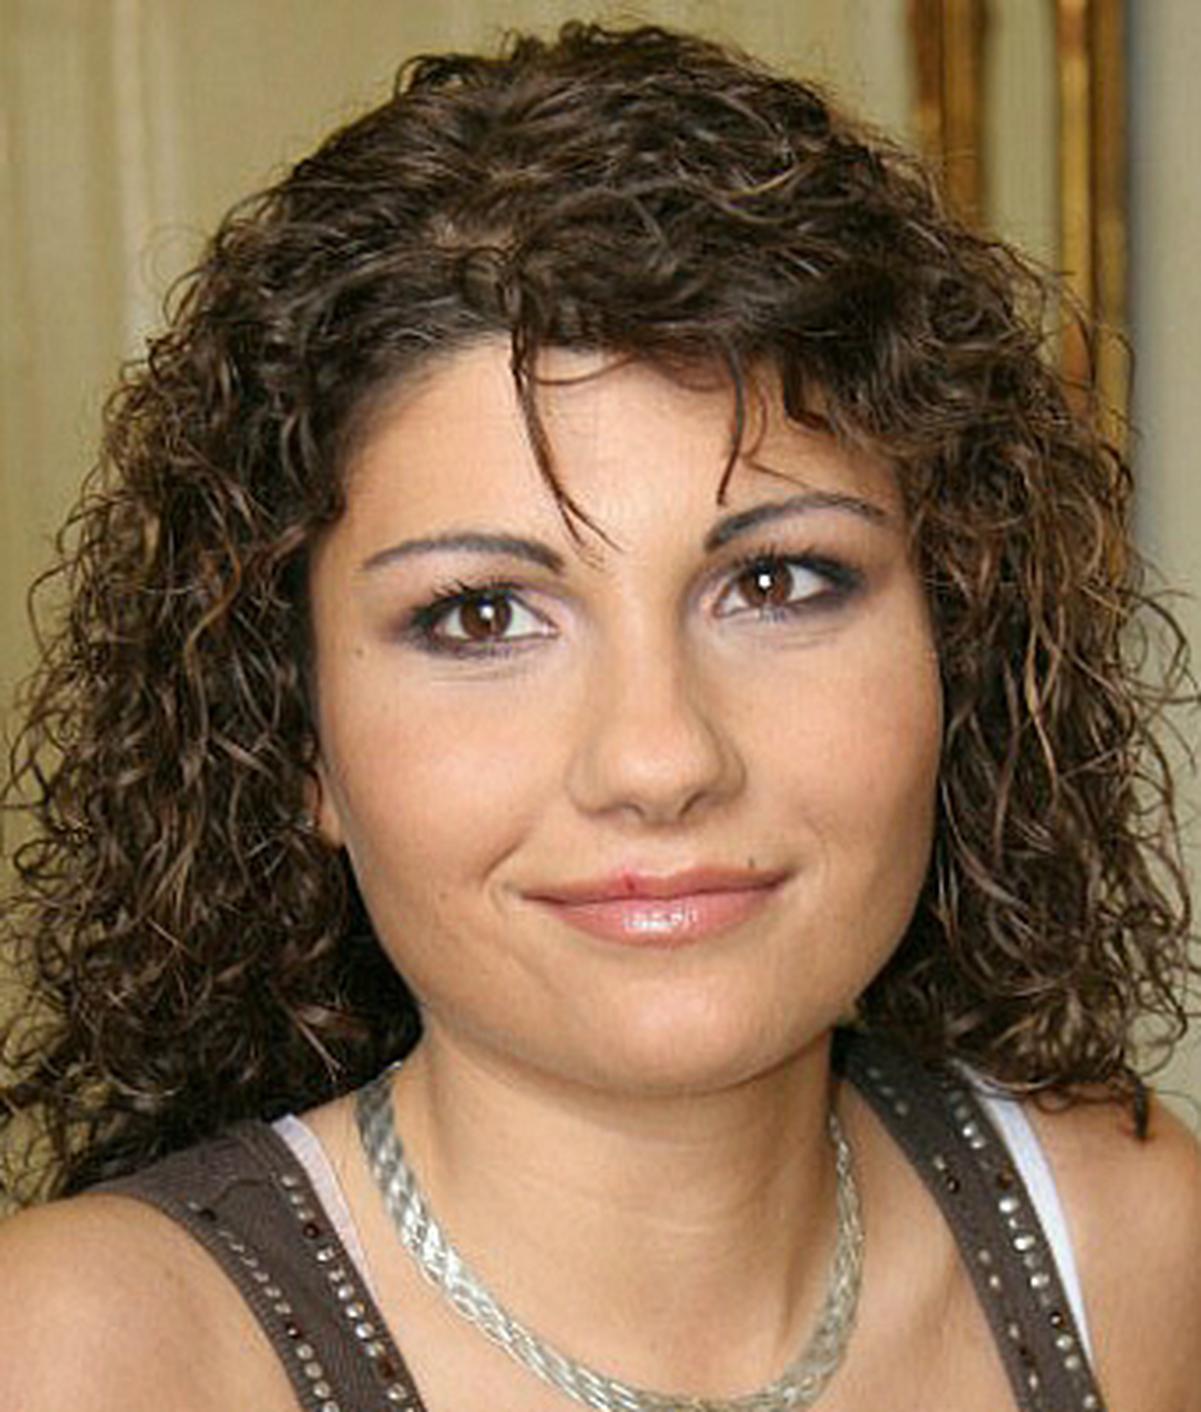 Susie Sorrento